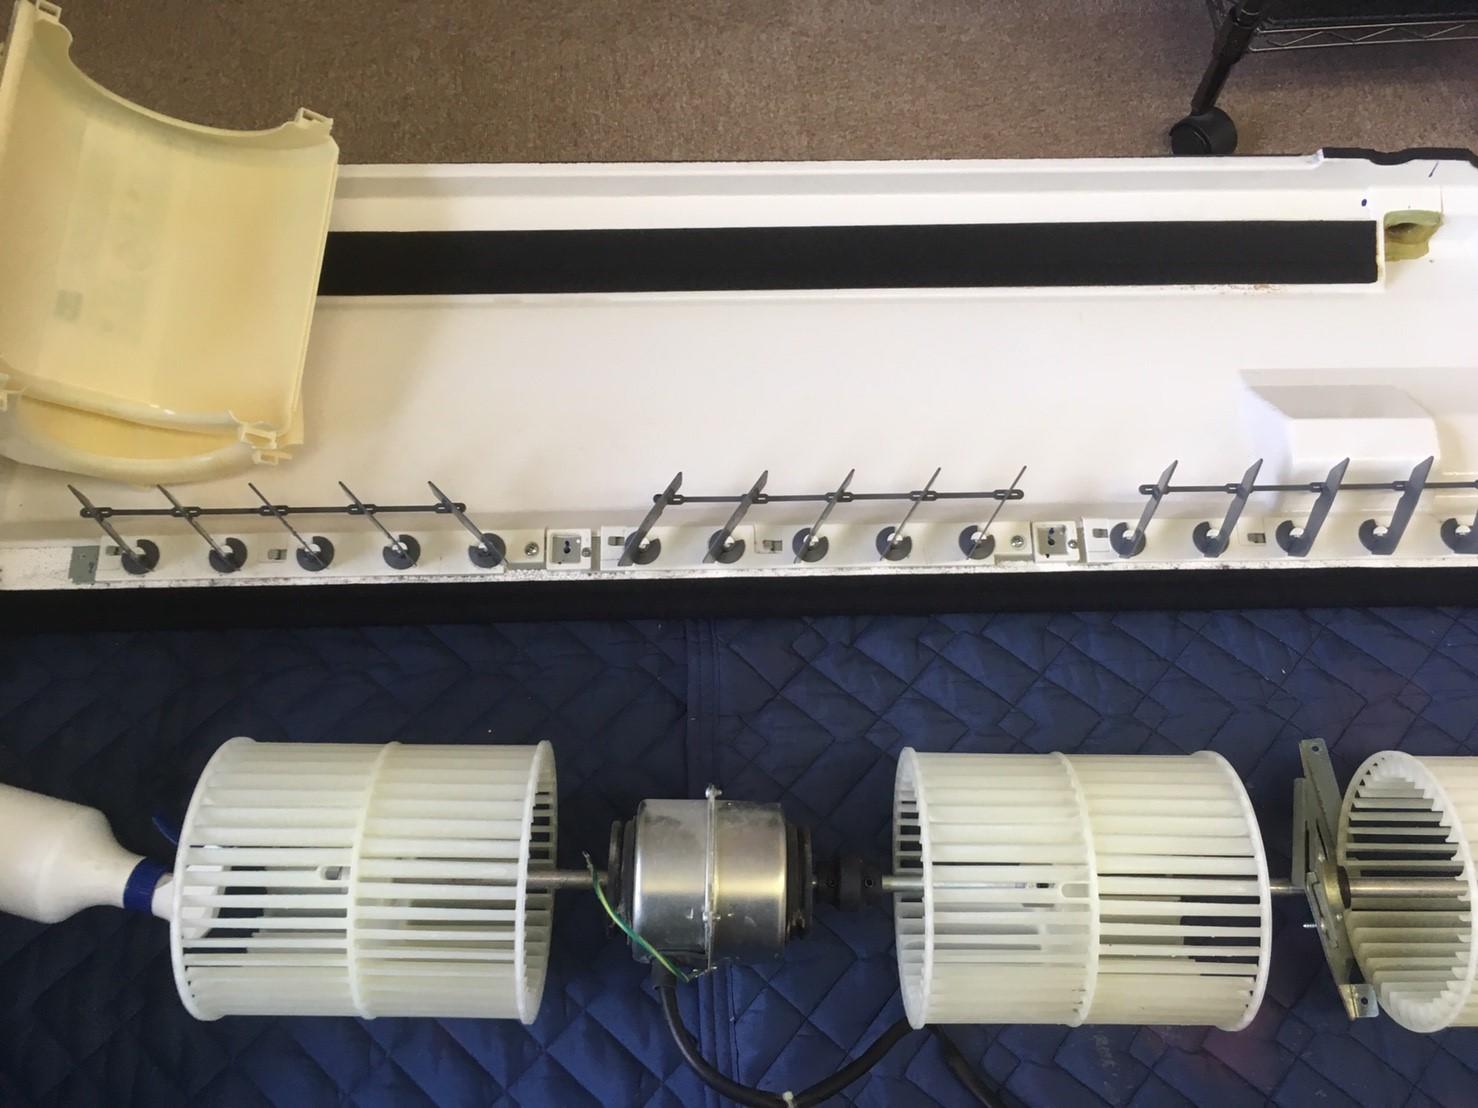 三菱製業務用エアコンクリーニング現場写真。業務用エアコン天井吊り形のドレンパンやシロッコファン